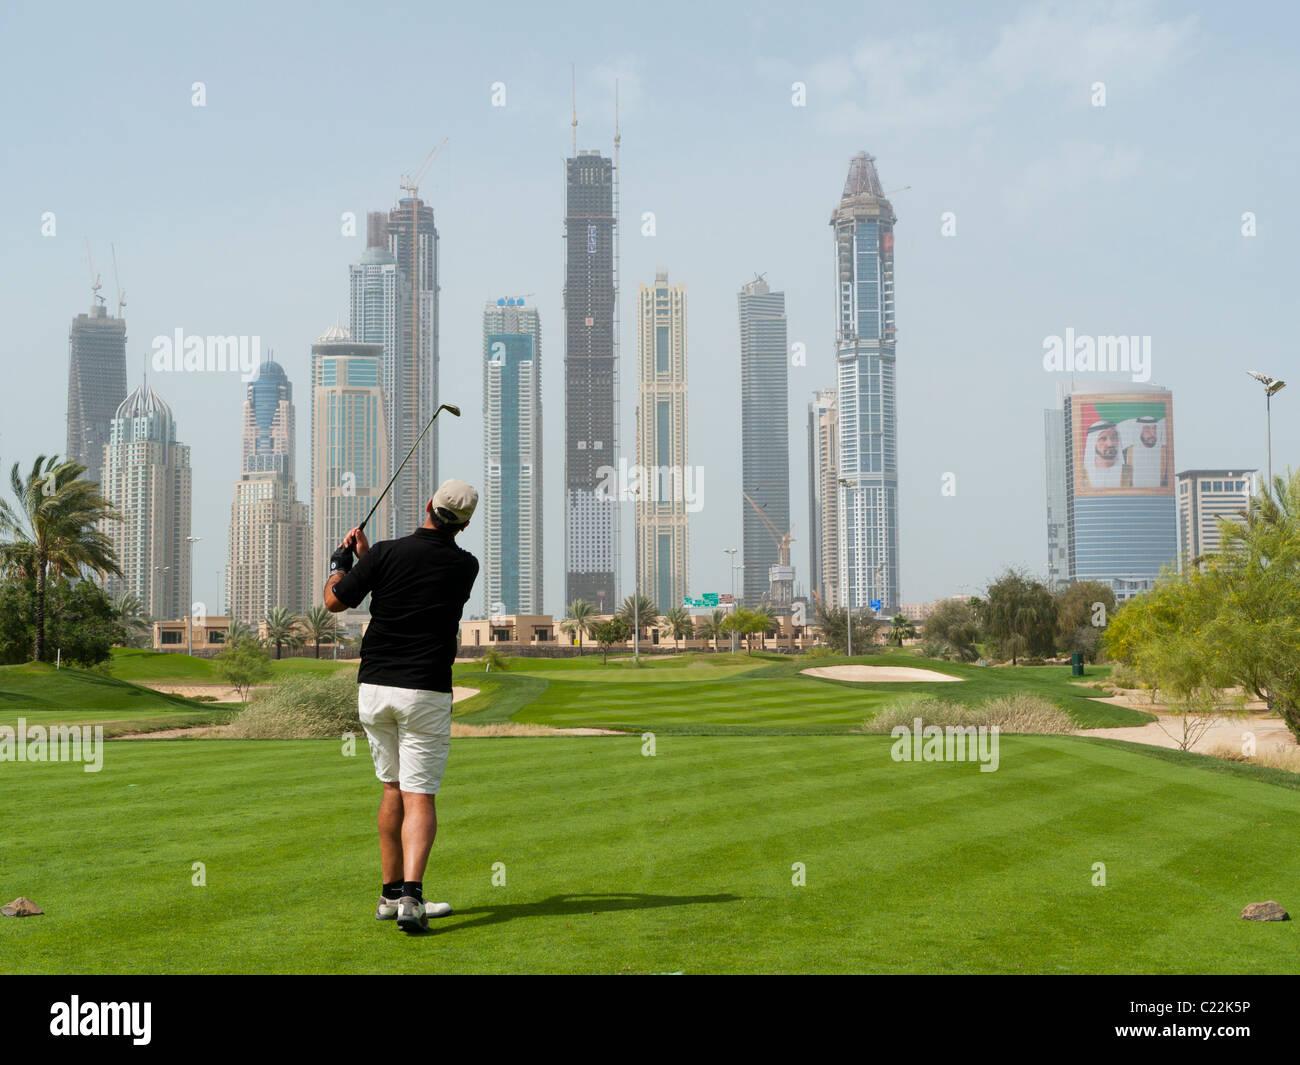 Un uomo giocando a golf presso il Golf Club Emirates a Dubai negli Emirati arabi uniti Immagini Stock